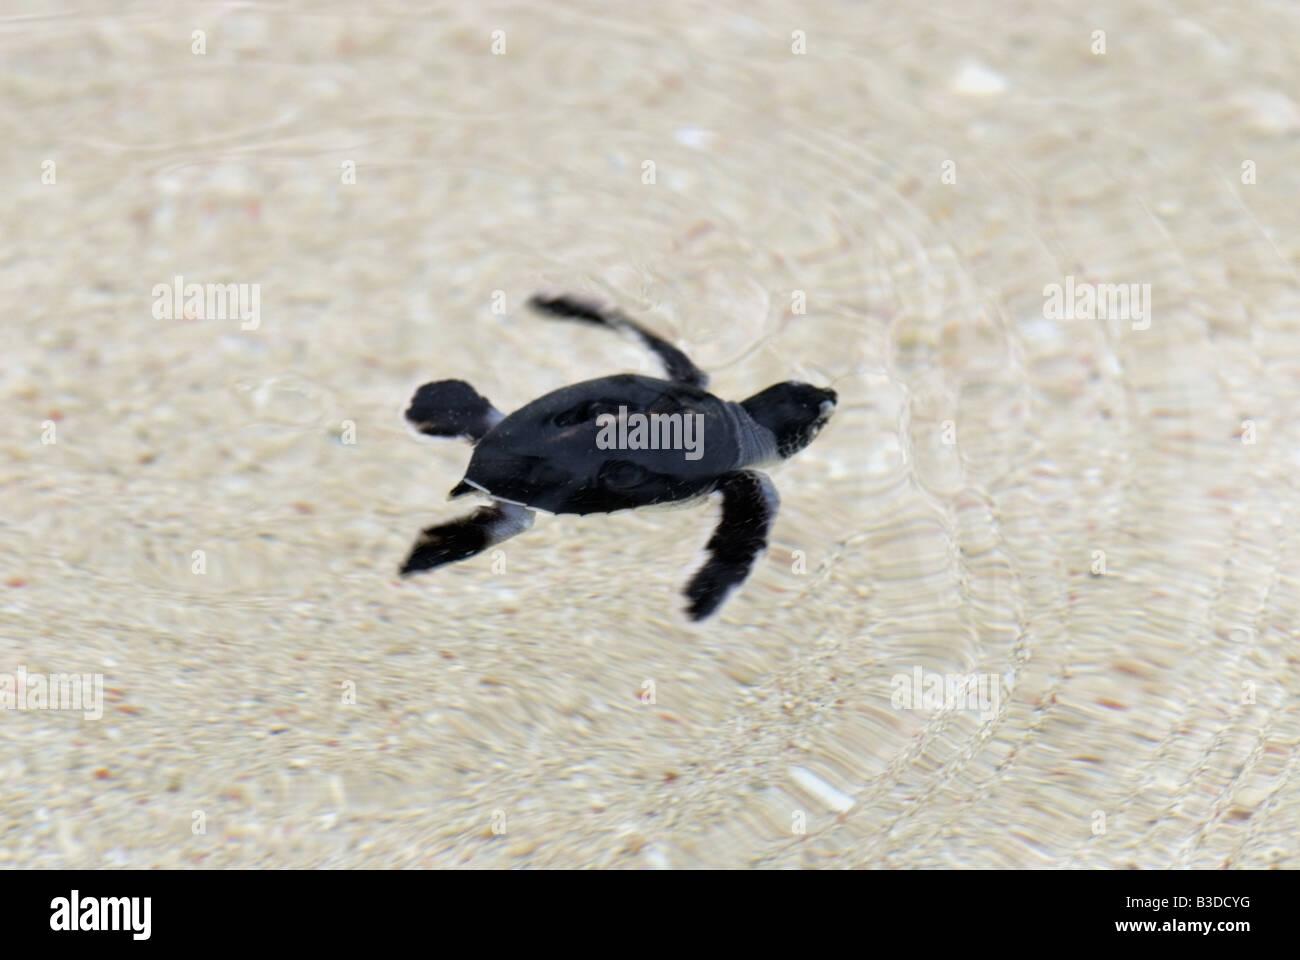 Ausgezeichnet Baby Meeresschildkröte Färbung Seite Fotos - Entry ...